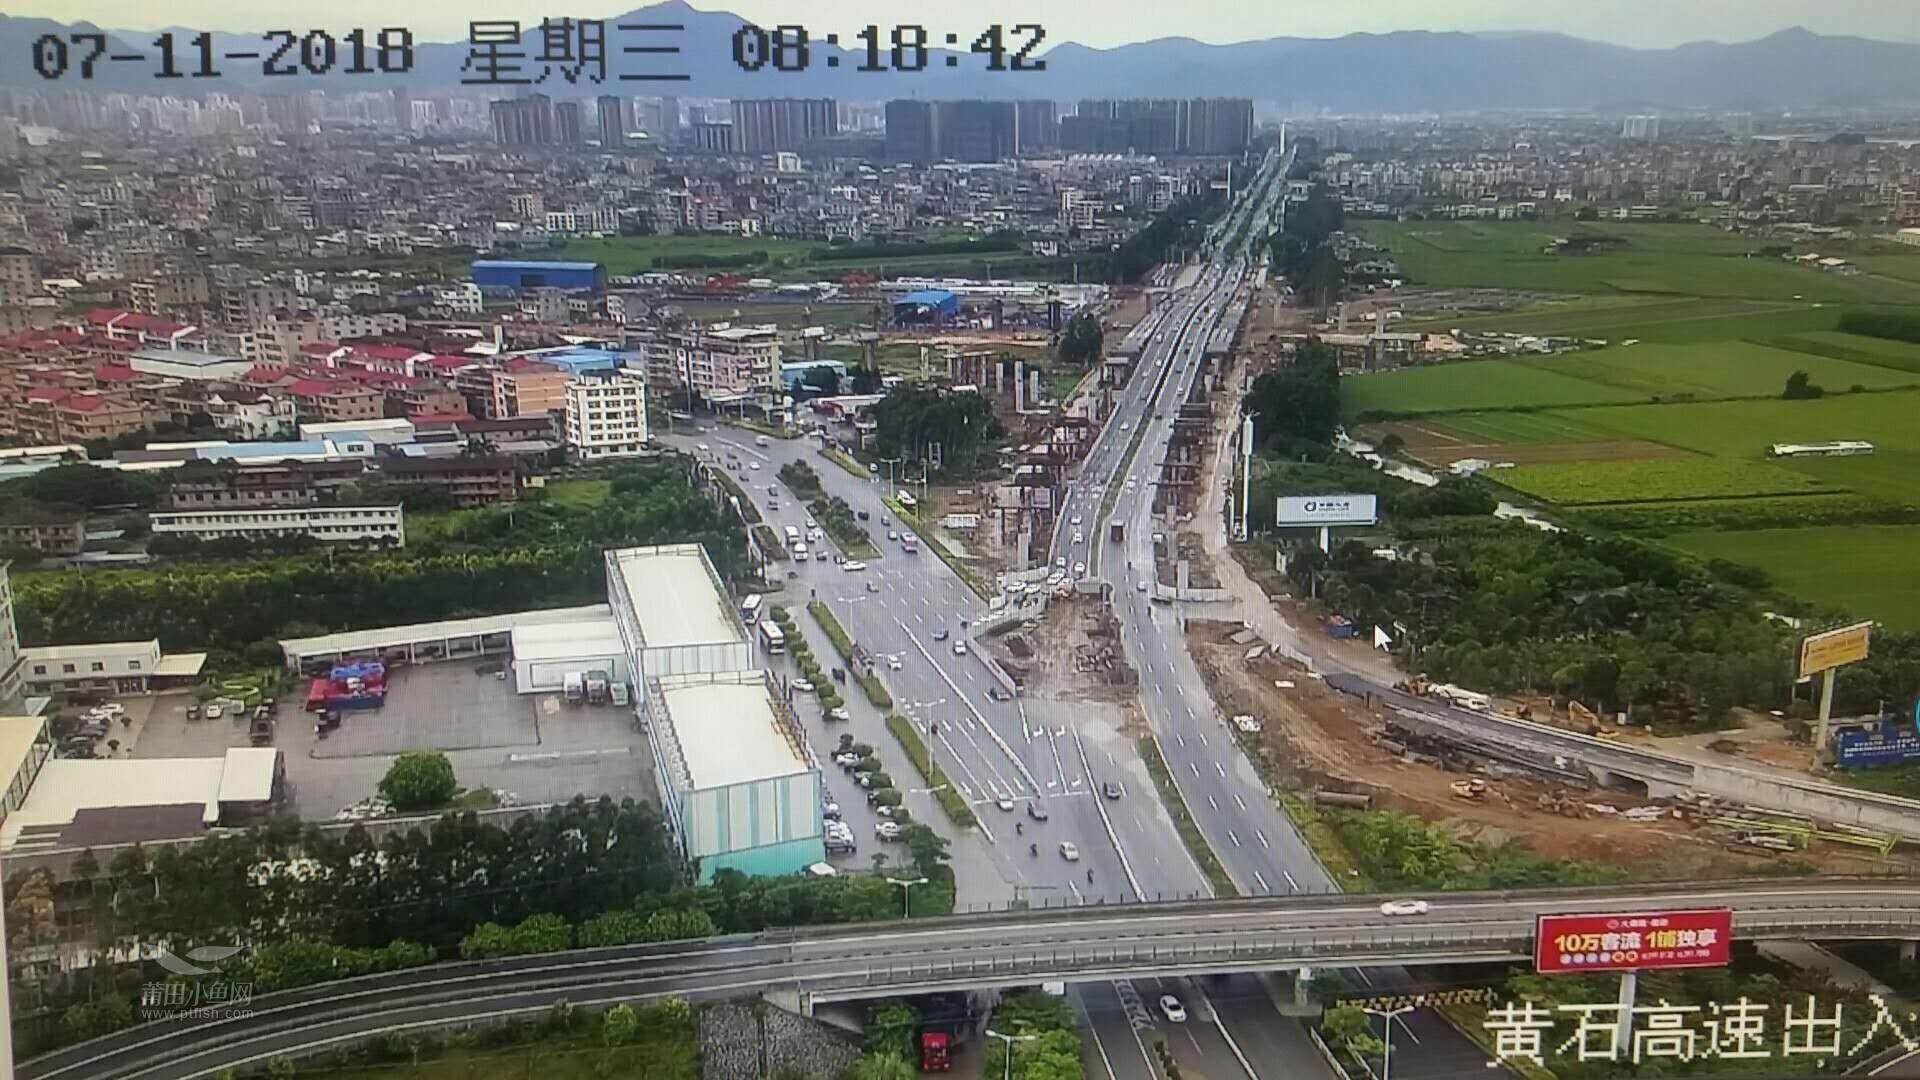 (指挥中心)荔港大道高速出口处车流正常.jpg